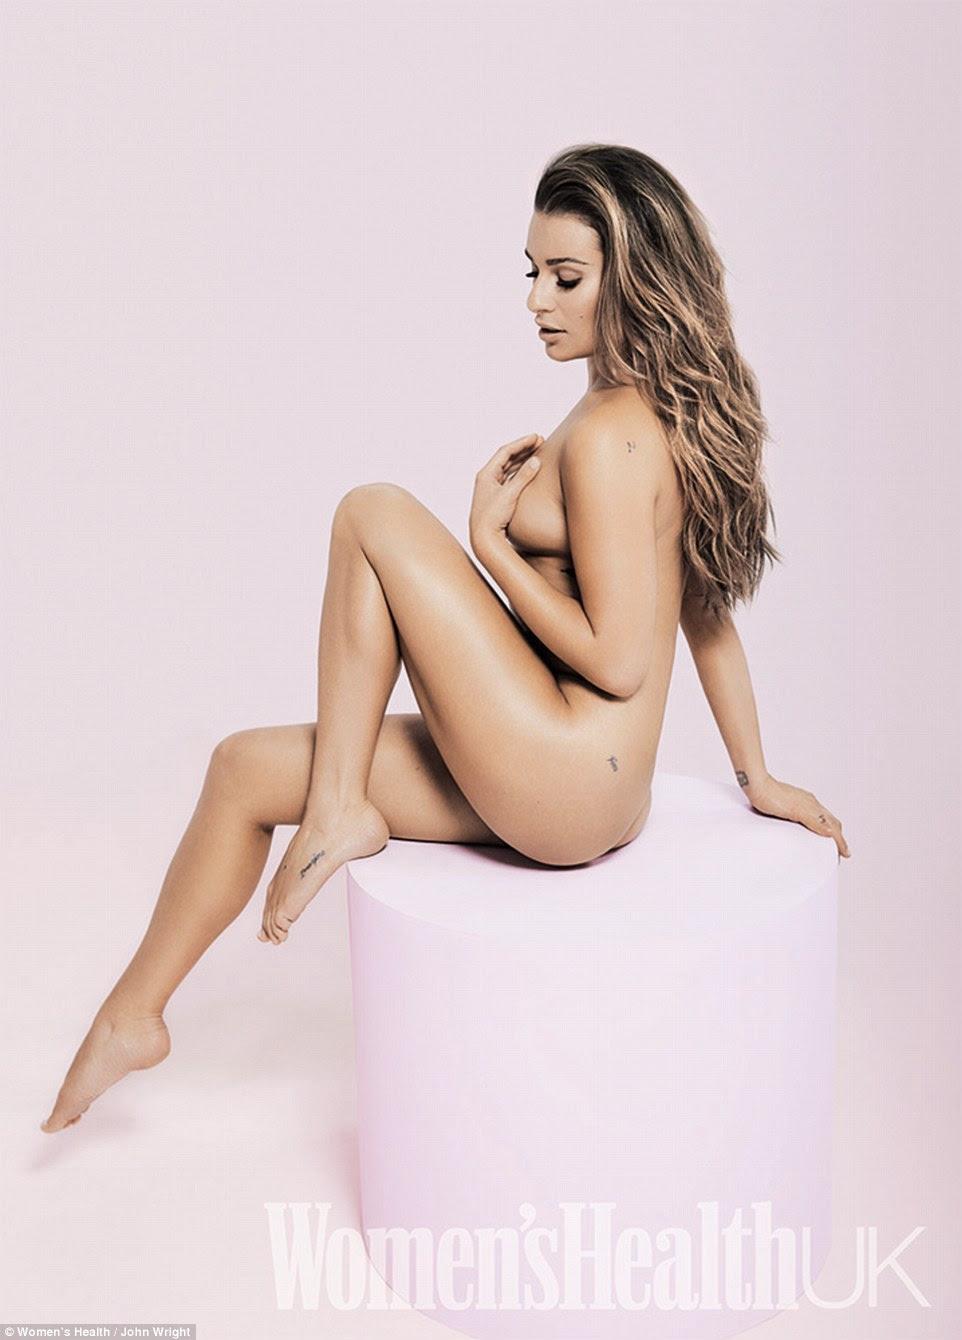 Tirando: A edição de setembro da Saúde da Mulher vê uma variedade de estrelas posar nua para a revista incluindo Glee atriz Lea Michelle